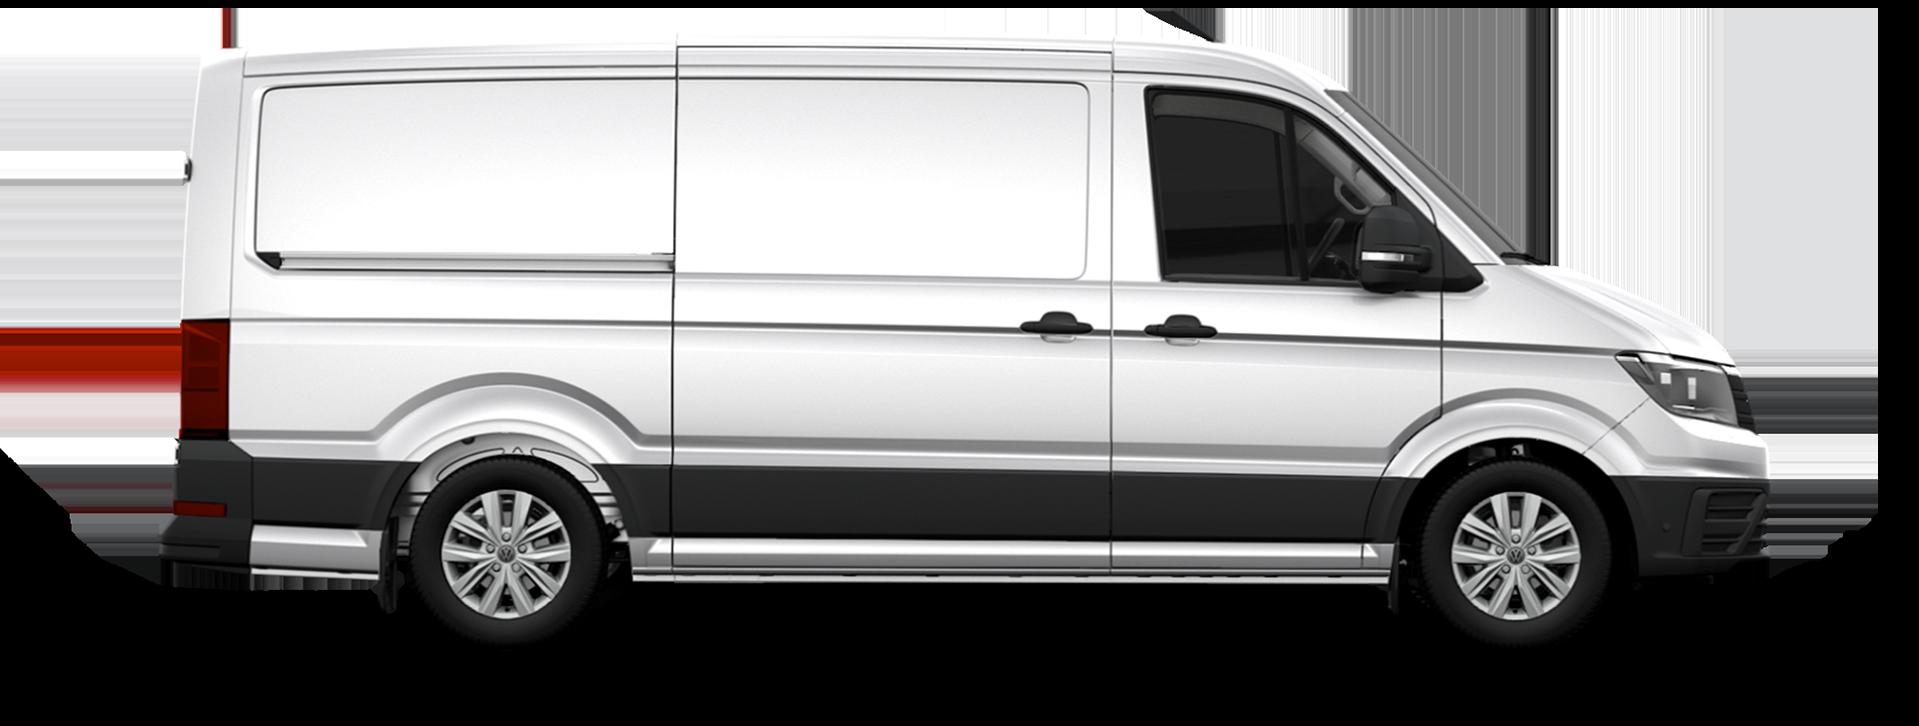 Crafter - Från 266 000 krNya Crafter är en ny transportbil från grunden. Den är byggd med utgångspunkt från tusentals intervjuer med förare. Och vi har skapat en helt ny fabrik för att bygga den. Vi är mer än stolta över resultatet. En bil för föraren som dessutom bidrar till ditt företags ekonomi och minskar påverkan på miljön. Något som gjort att den blivit vald till Van of the Year 2017.